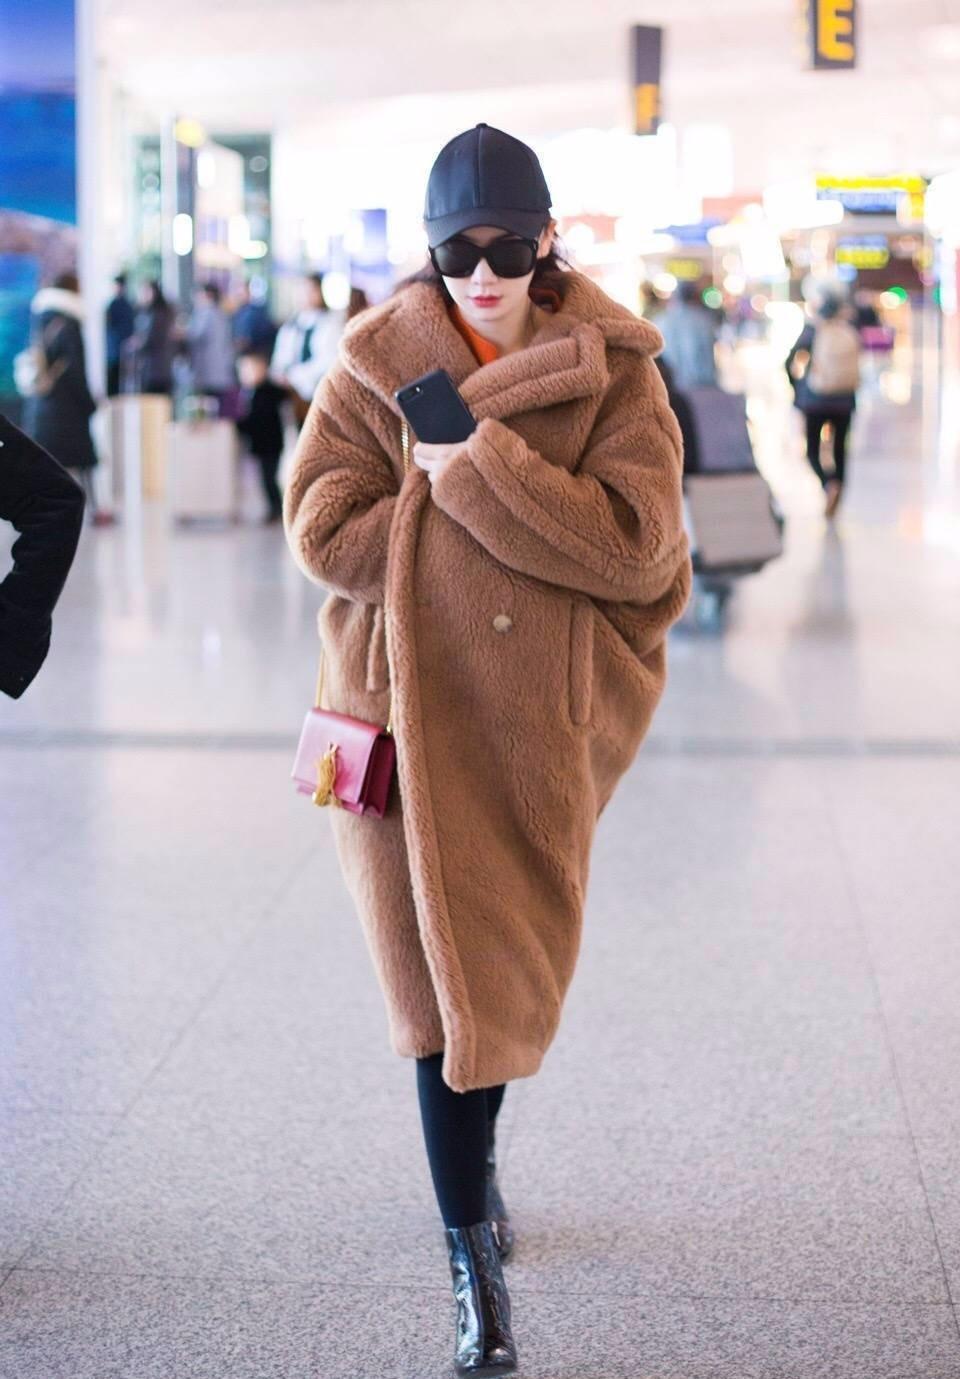 戚薇这个冬天可是没少穿类外套,两次机场街拍都是用羊羔毛外套叠穿长